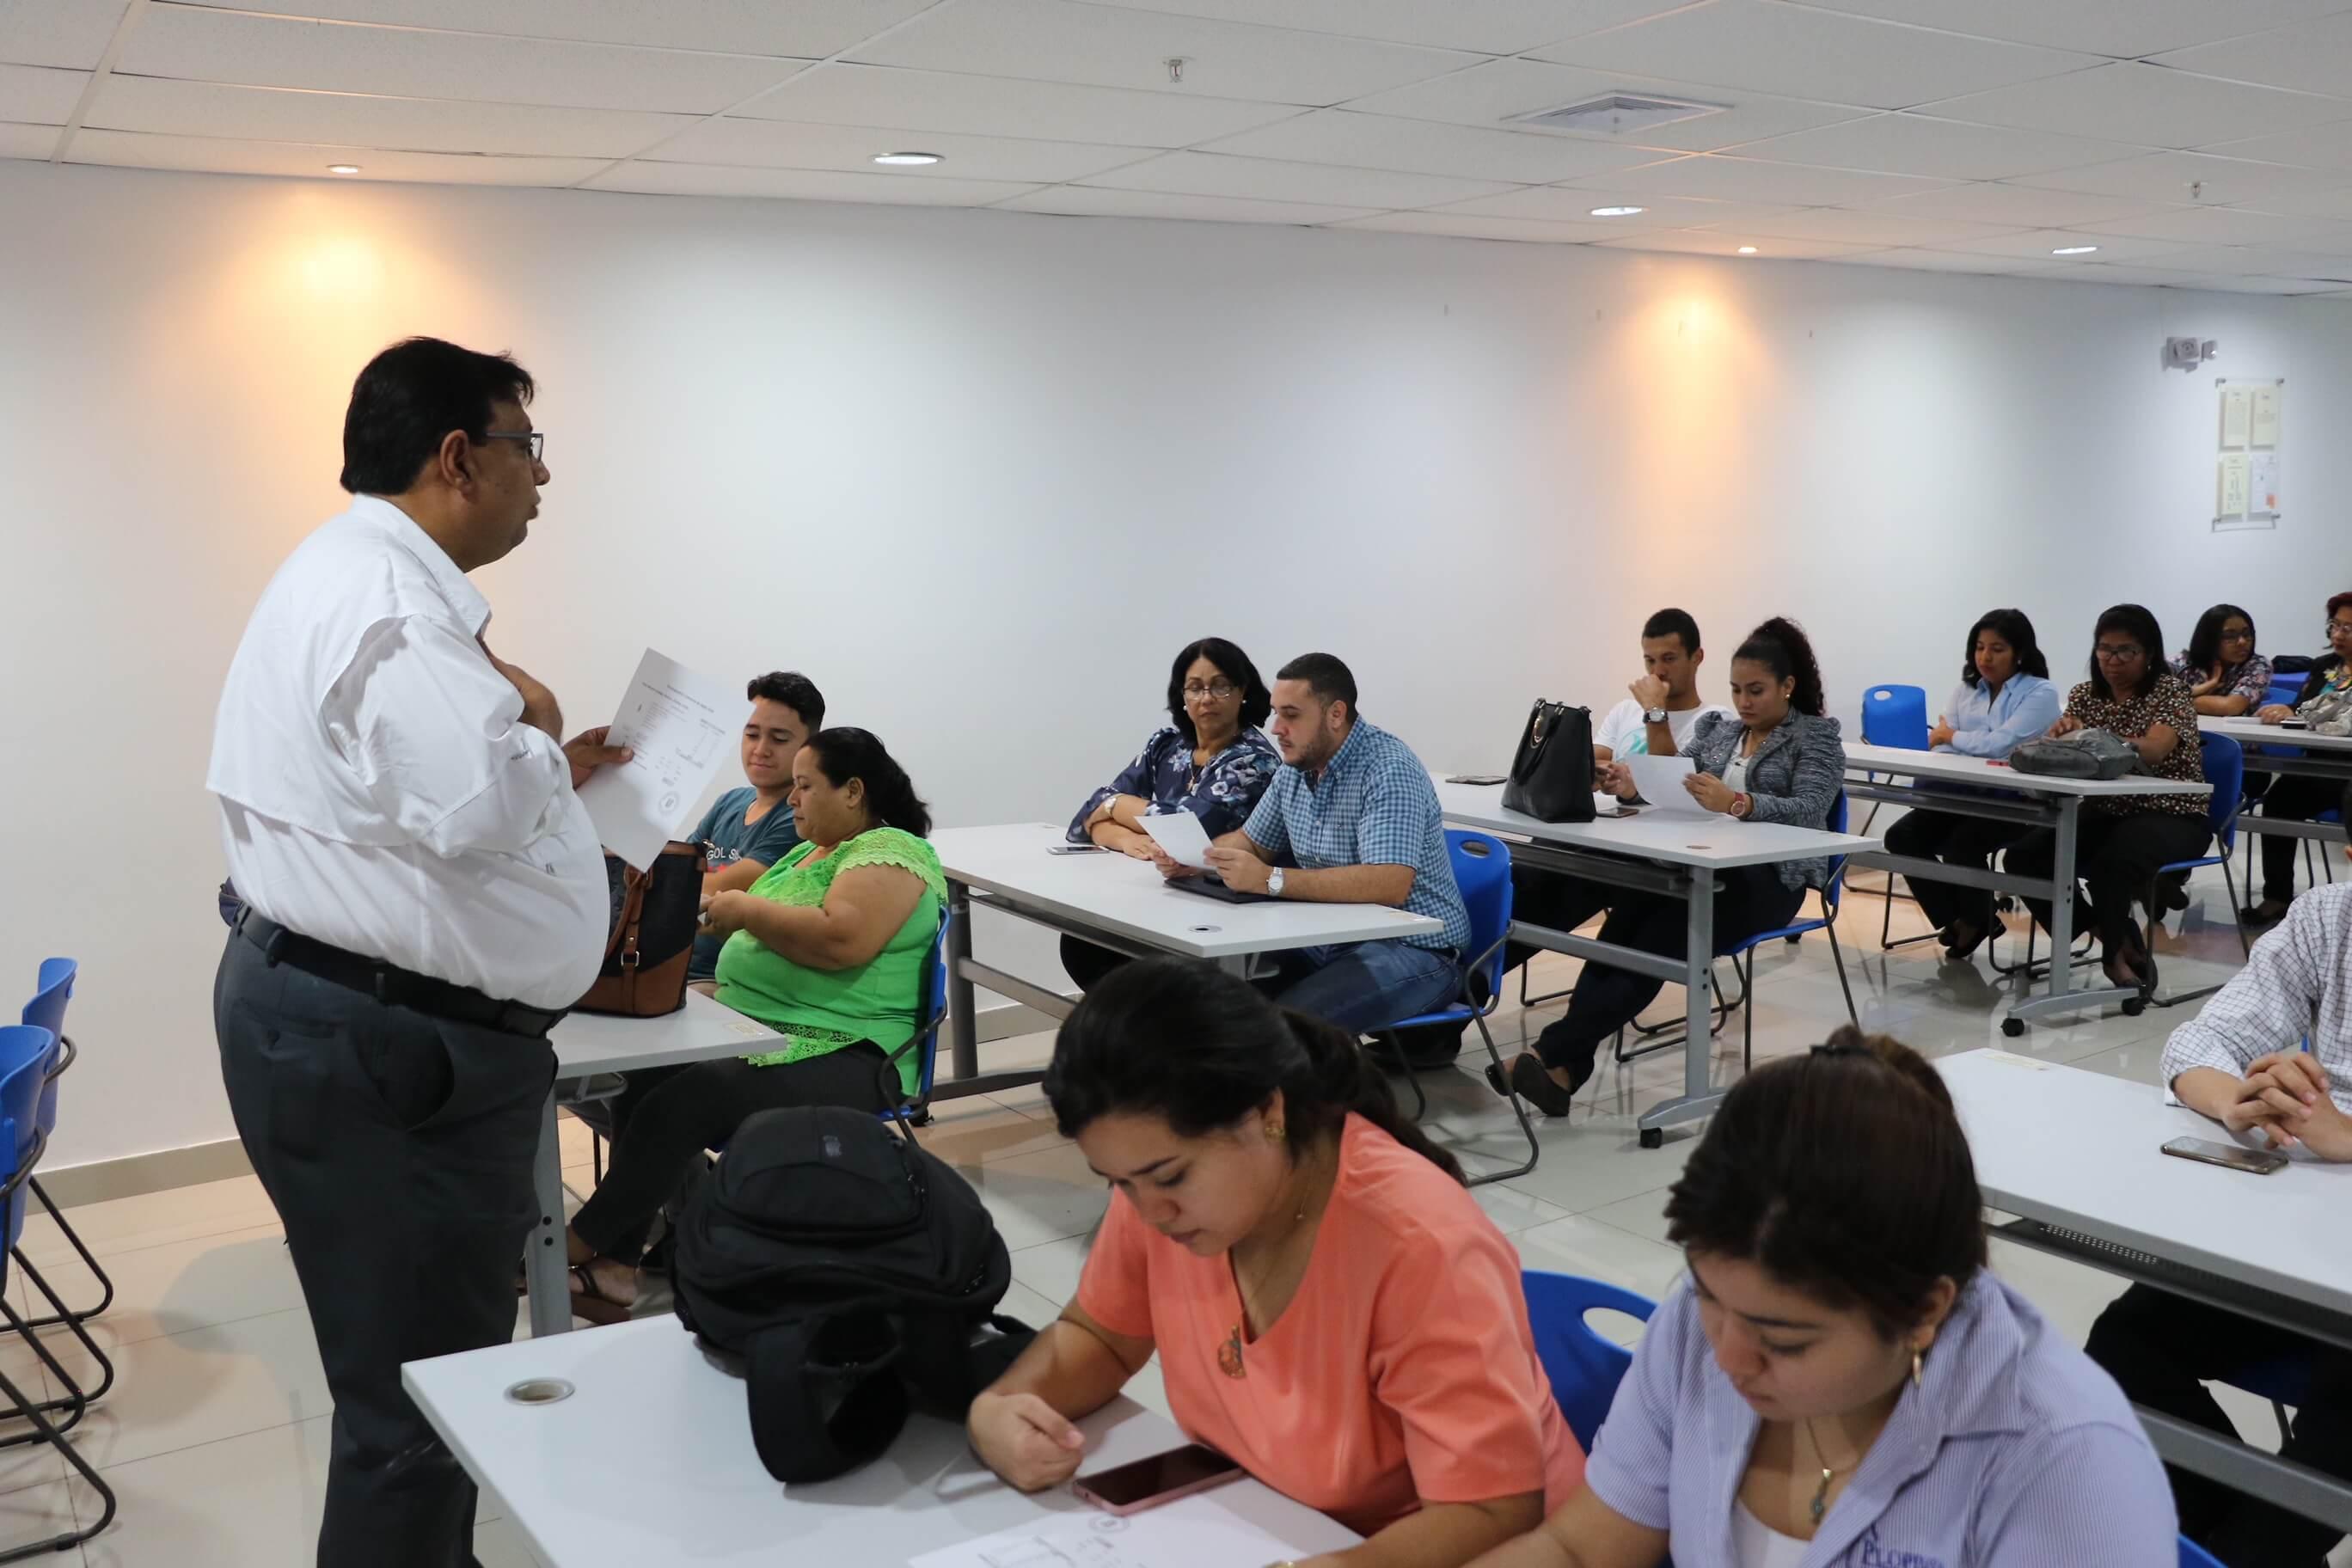 Becados de Concurso de Inglés son informados sobre sus deberes y beneficios